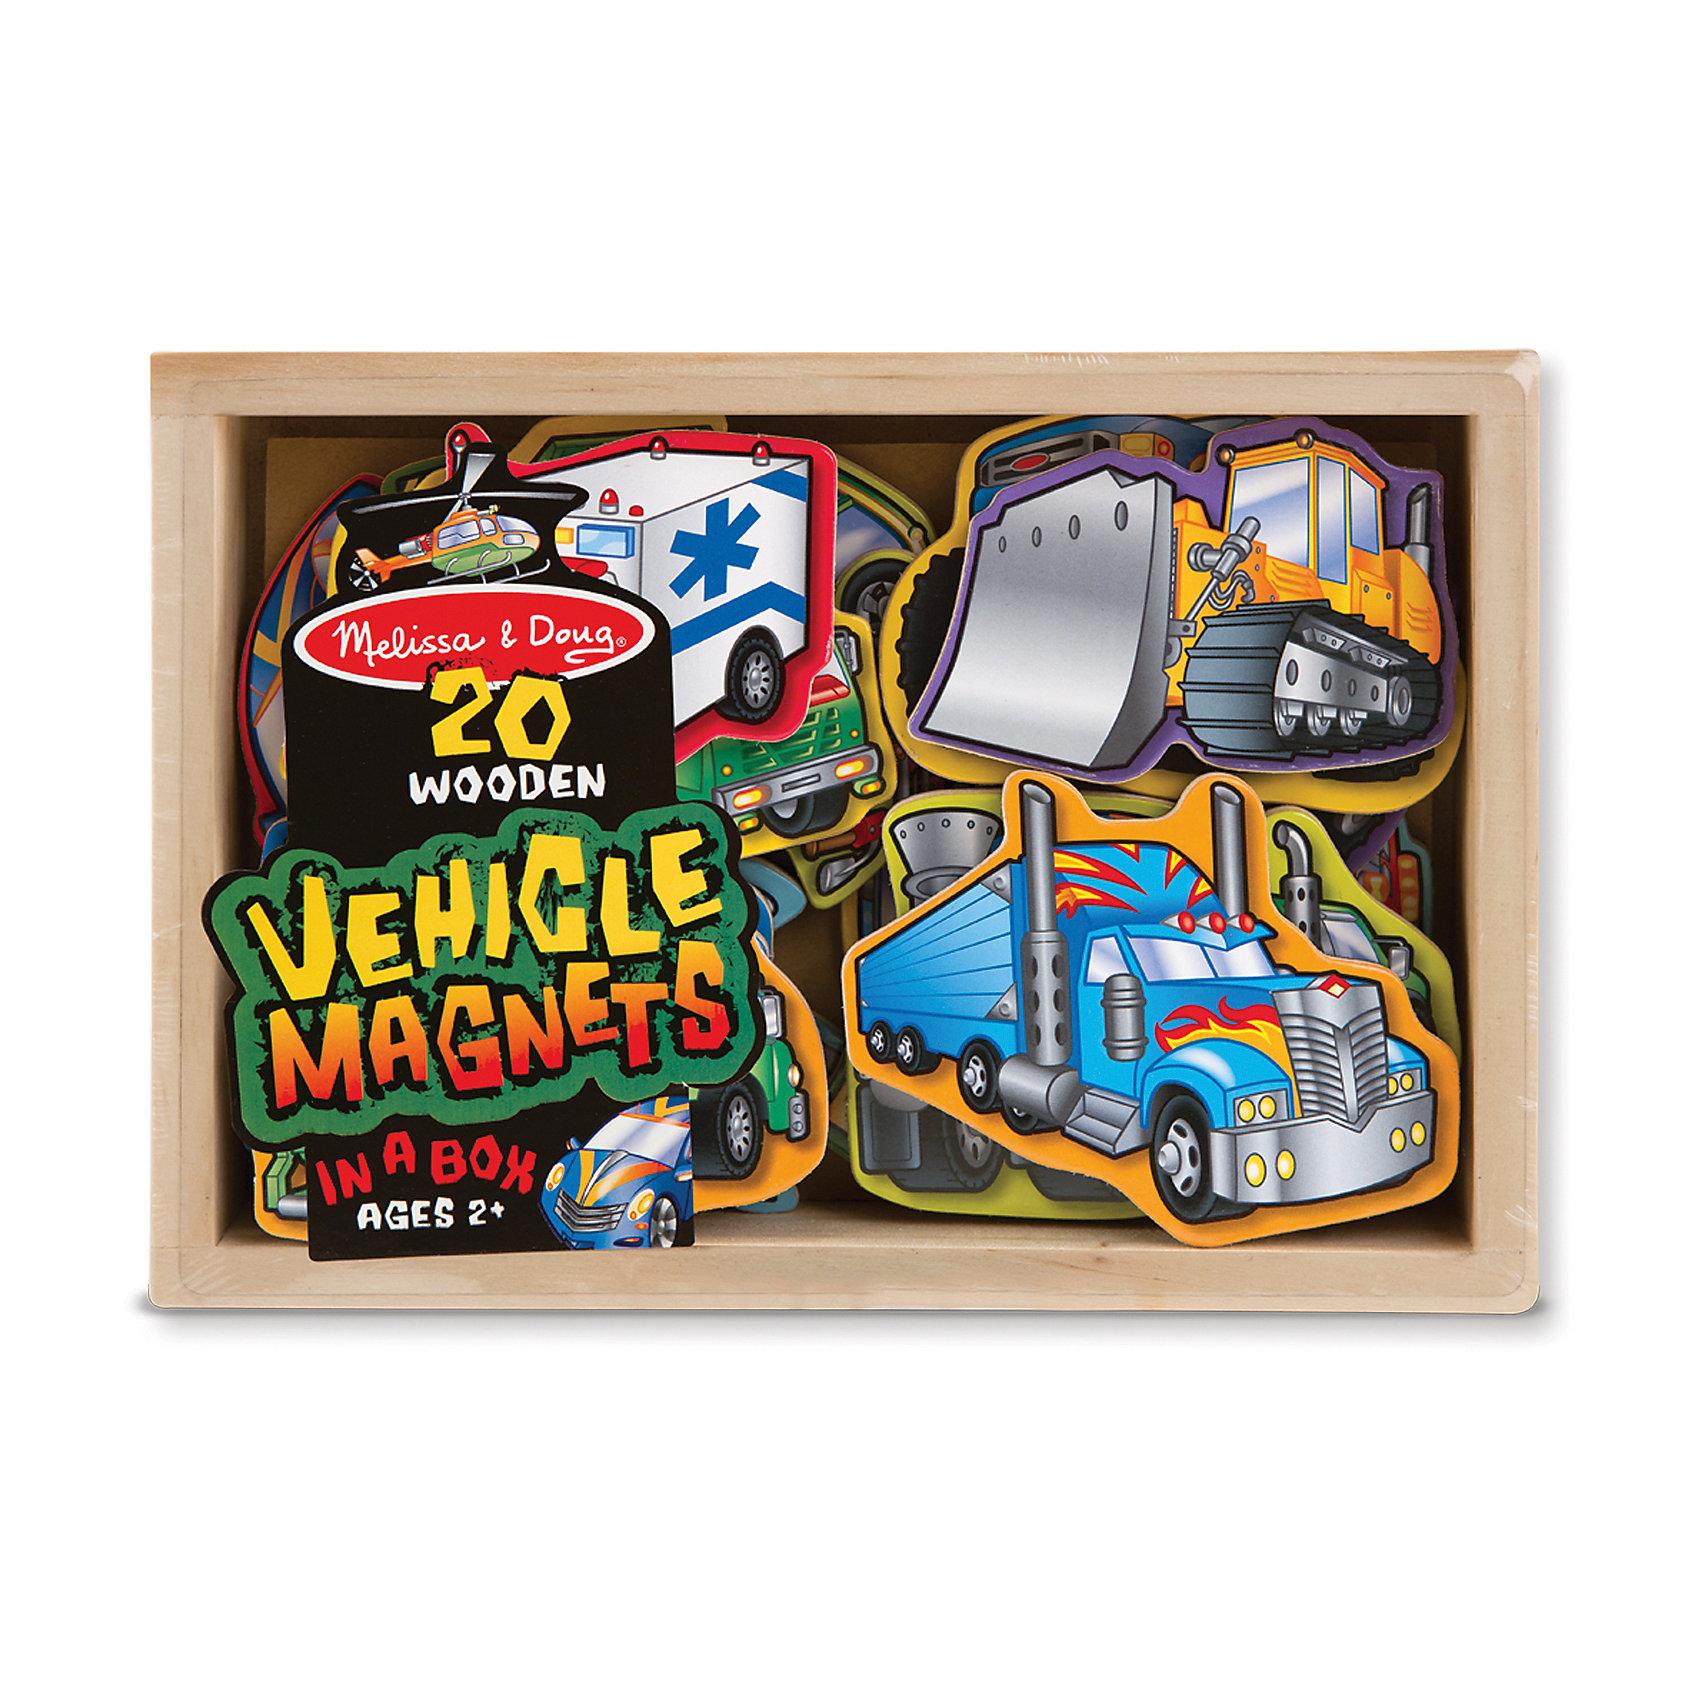 Магнитная игра Автомобили, Melissa &amp; DougДеревянные игры и пазлы<br>Замечательная магнитная игра Автомобили от известного американского бренда Melissa &amp; Doug для мальчика. Набор содержит 20 видов автомобилей, некоторые из которых уже хорошо известны малышу, а с некоторыми придется познакомиться в процессе игры. Скорая помощь, самолет, вертолет, строительная техника, мотоцикл, лимузин - что выберет Ваш сын? Каждая фигурка выполнена из дерева с магнитом, поэтому легко крепится к холодильнику, пока мама готовит, либо к магнитной доске. Игровой набор обладает следующими особенностями:<br>- качественные материалы, приятные на ощупь;<br>- яркие насыщенные цвета;<br>- хорошие понятные изображения;<br>- прочный деревянный ящик для хранения и транспортировки.<br>Отличная игра для юного автолюбителя!<br><br>Дополнительная информация:<br>- вес: 408 гр;<br>- габариты: 140х200х40 мм;<br>- рекомендуемый возраст: от 1 года при участии родителей;<br>- состав: дерево, прессованный картон, пвх.<br><br>Магнитную игру Автомобили Melissa &amp; Doug можно купить в нашем магазине<br><br>Ширина мм: 140<br>Глубина мм: 200<br>Высота мм: 40<br>Вес г: 408<br>Возраст от месяцев: 24<br>Возраст до месяцев: 60<br>Пол: Унисекс<br>Возраст: Детский<br>SKU: 3927716